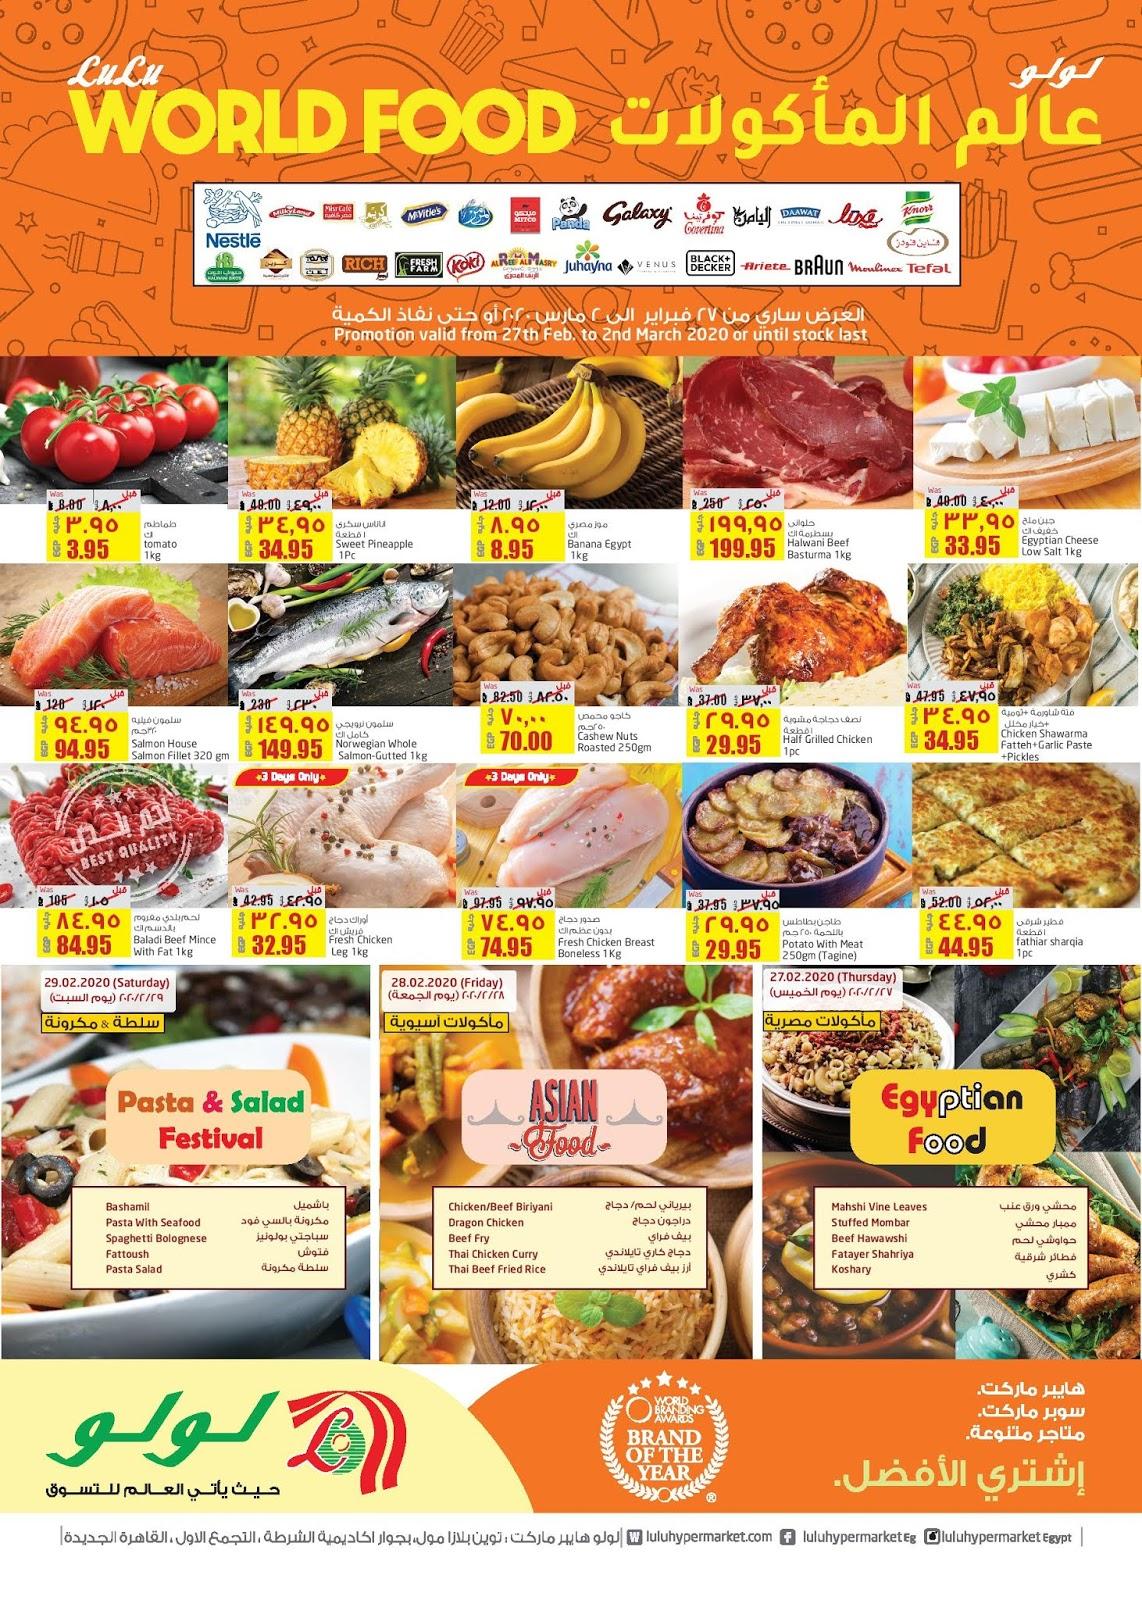 عروض لولو مصر من 27 فبراير حتى 2 مارس 2020 عالم المأكولات